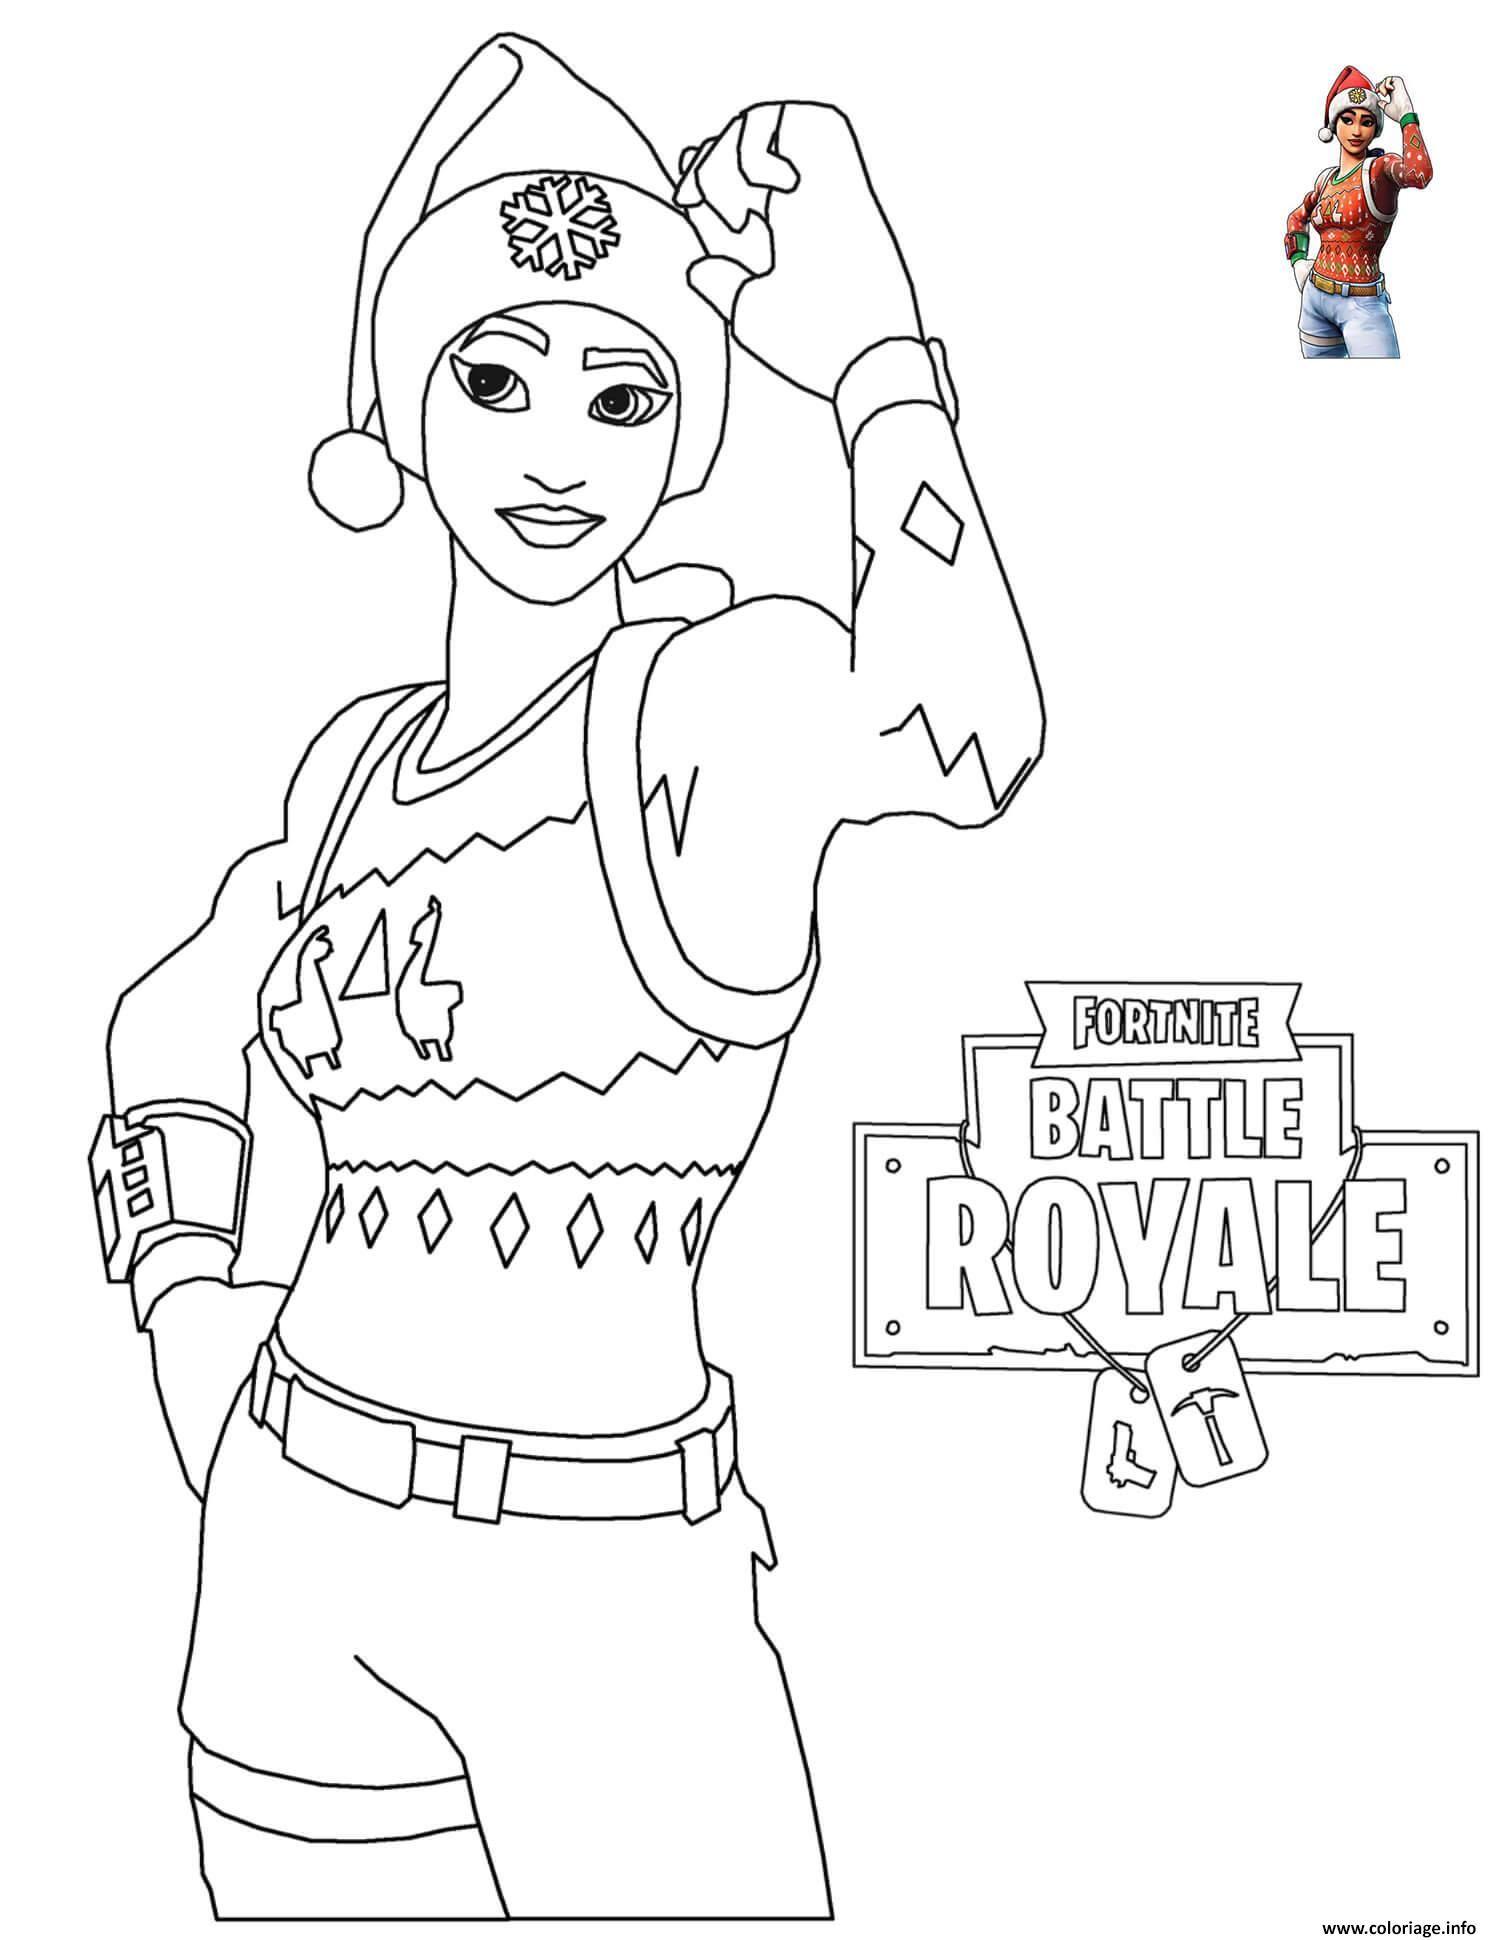 Coloriage Fortnite Christmas À Imprimer (Avec Images à Dessin A Imprimer Personnage Fortnite